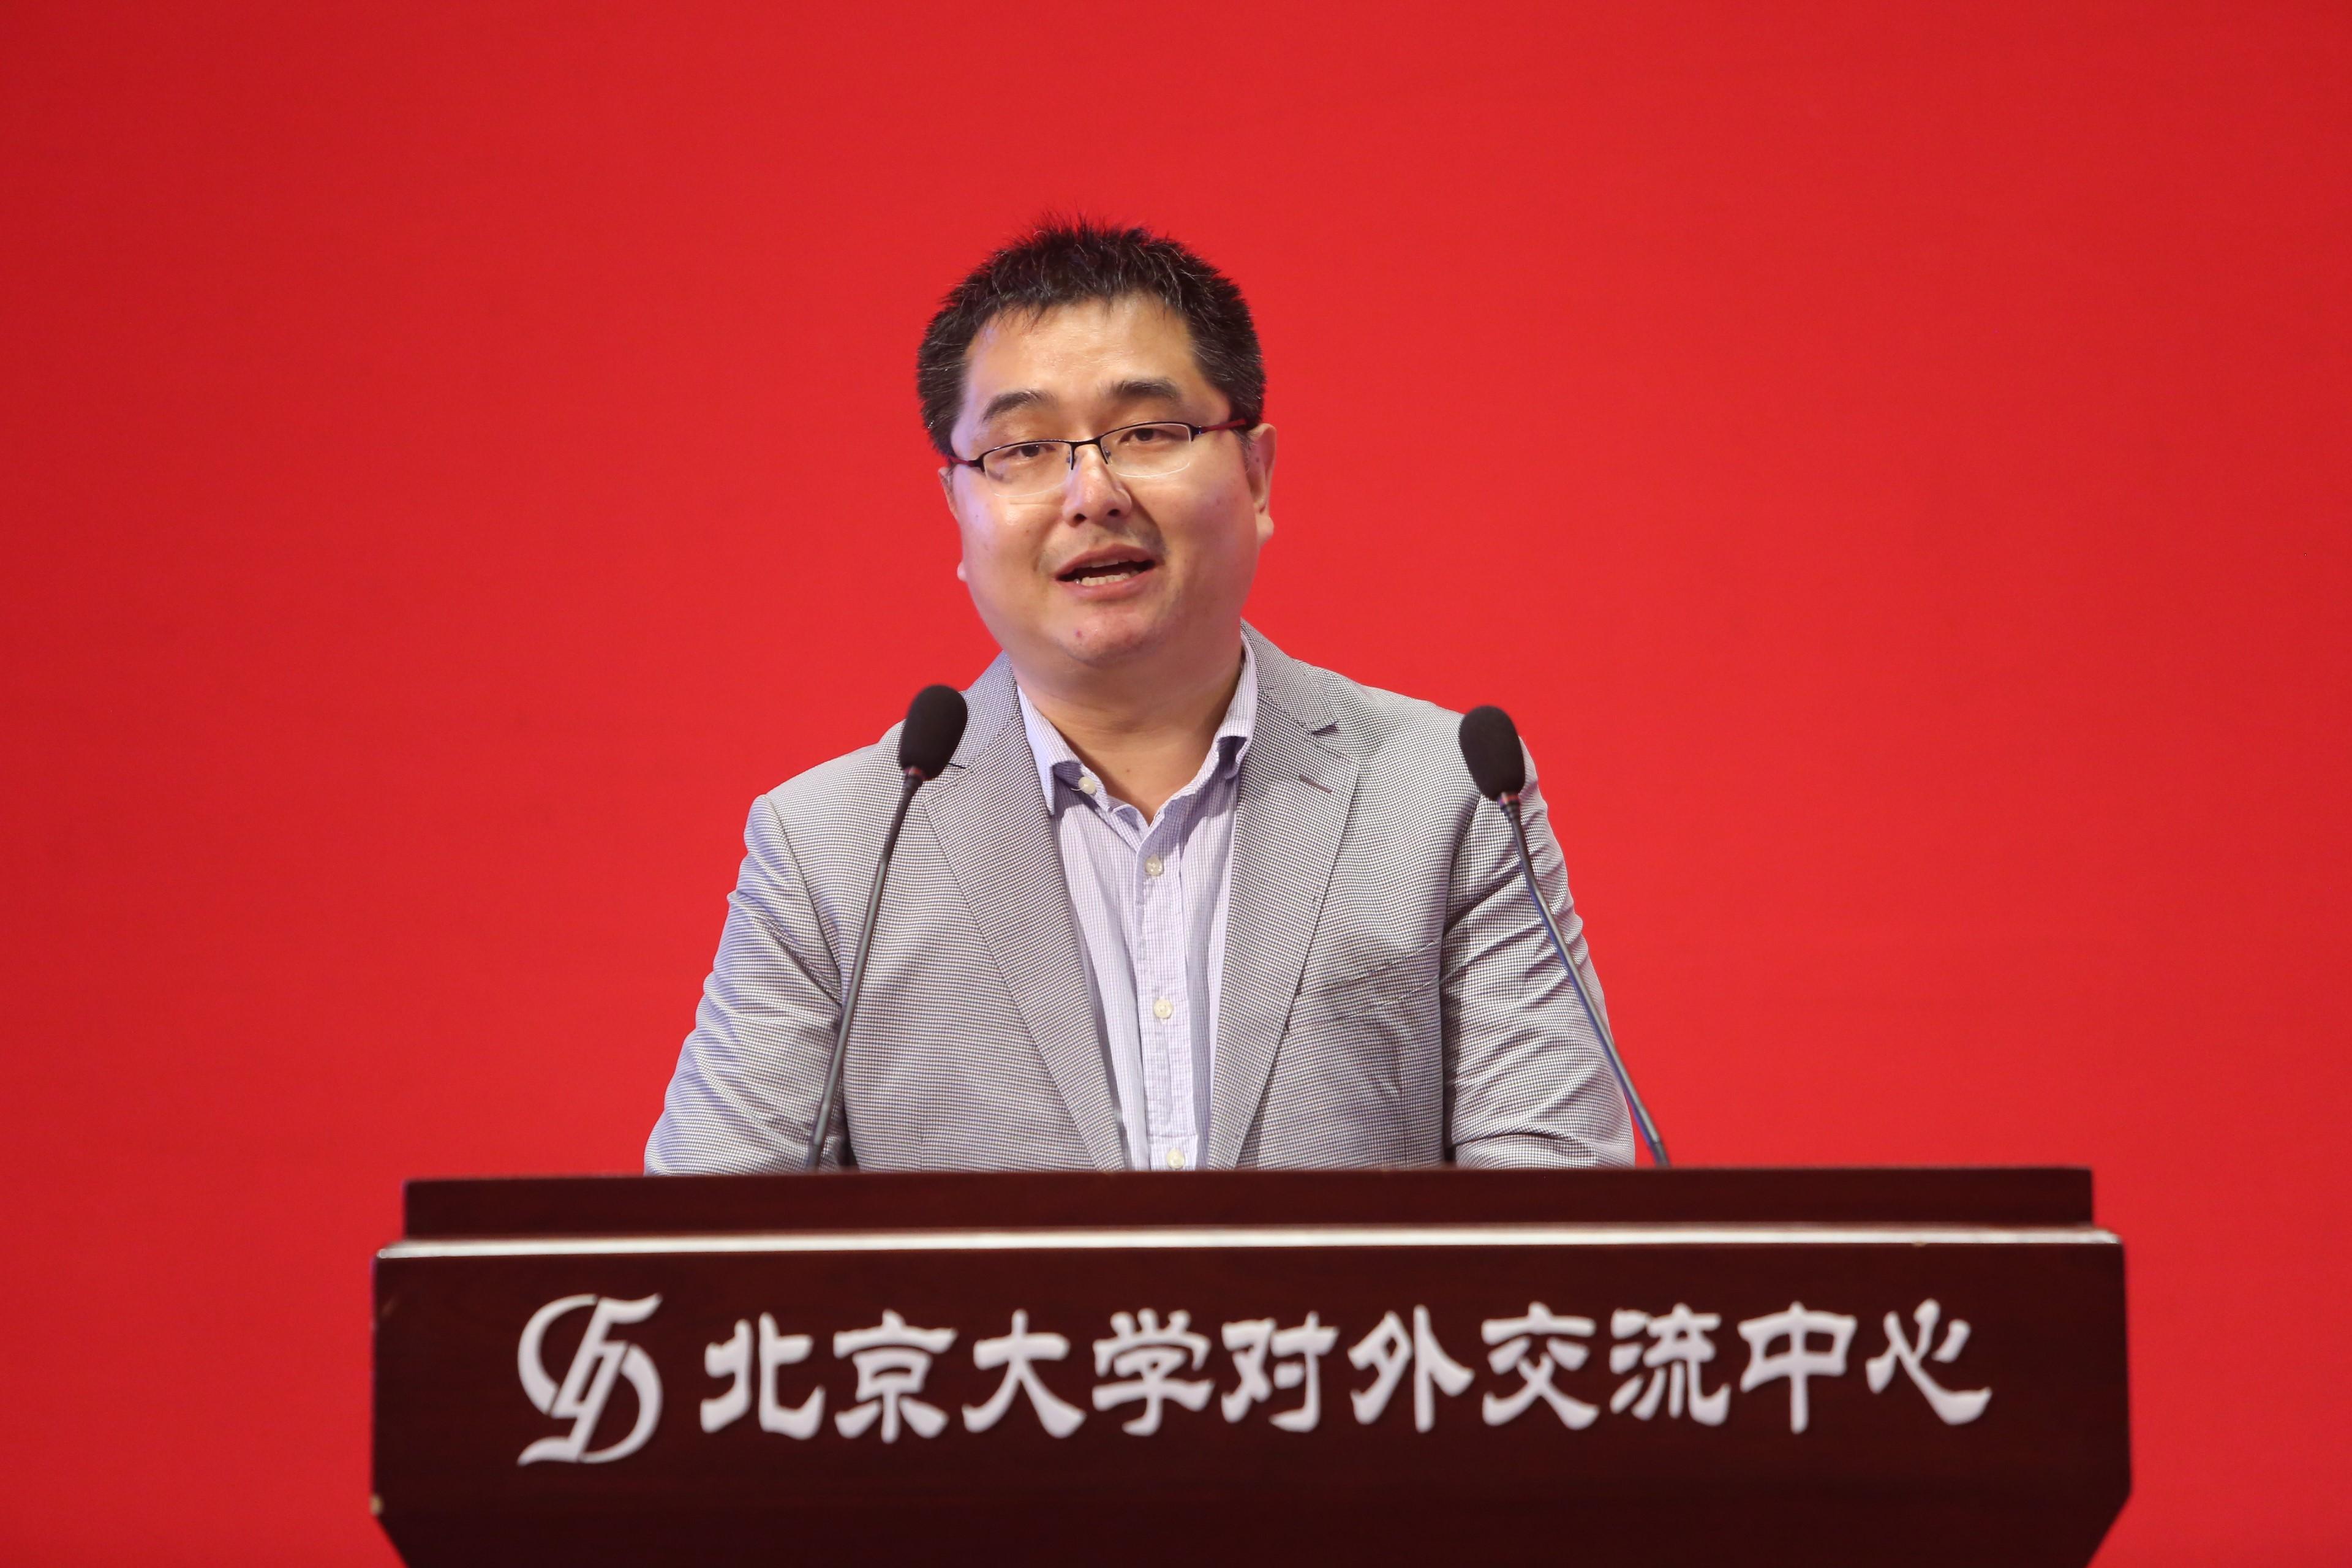 7 班主任代表齐志老师发言.JPG